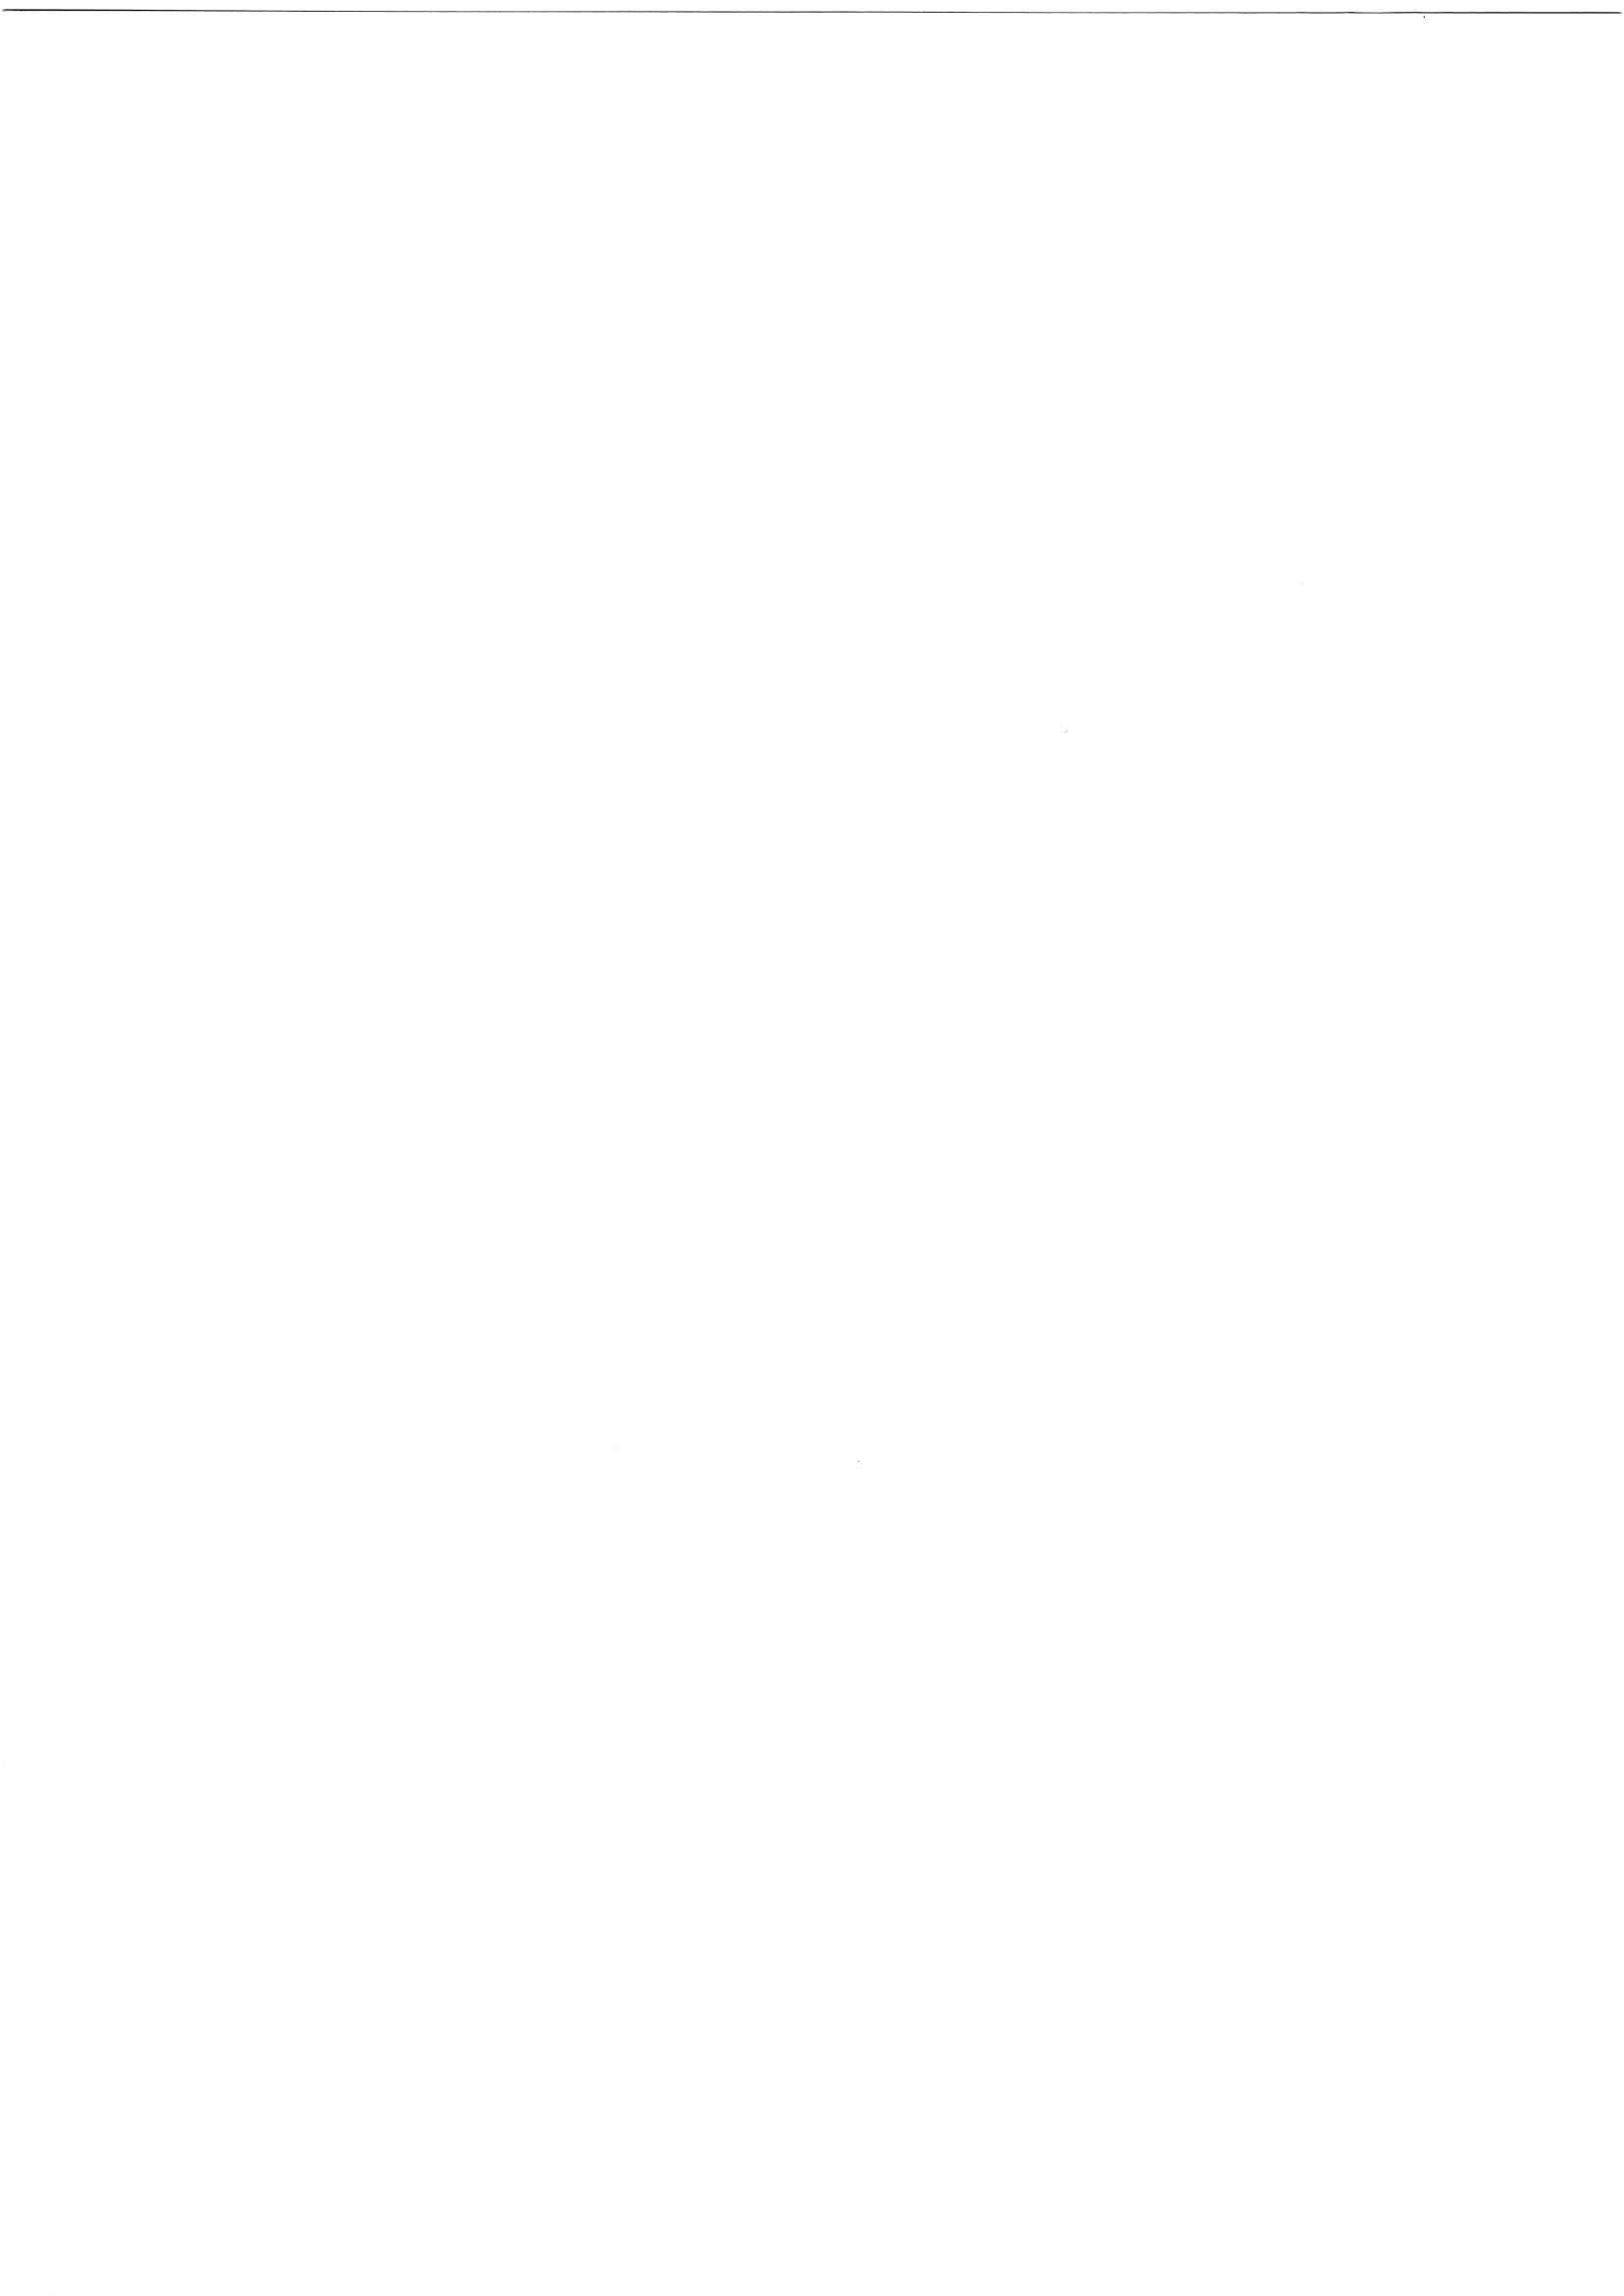 krkietrzsekretariatgmailcom-003jpg